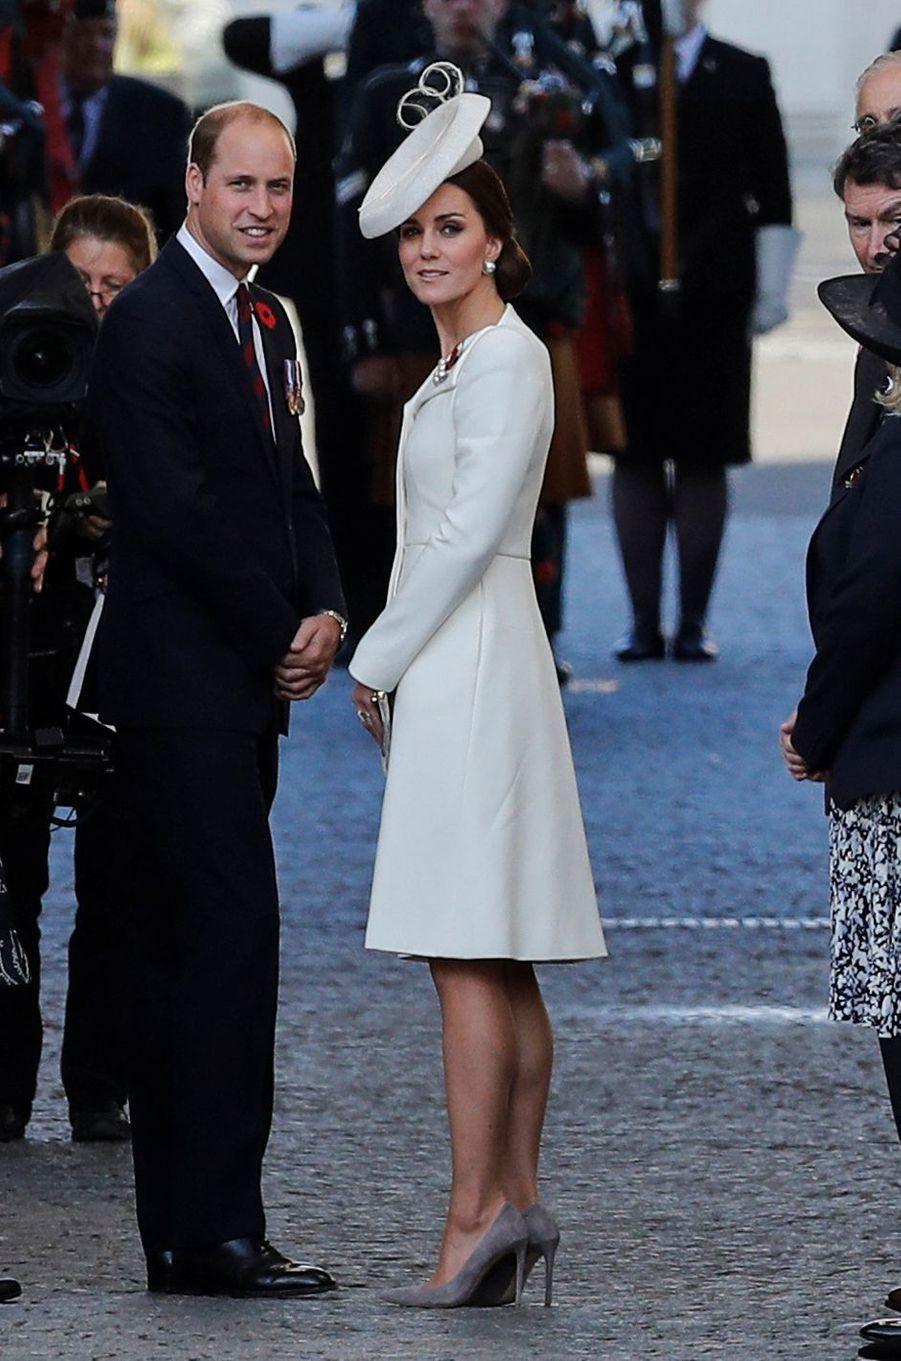 Kate Middleton à Ypres en Belgique le 30 juillet 2017